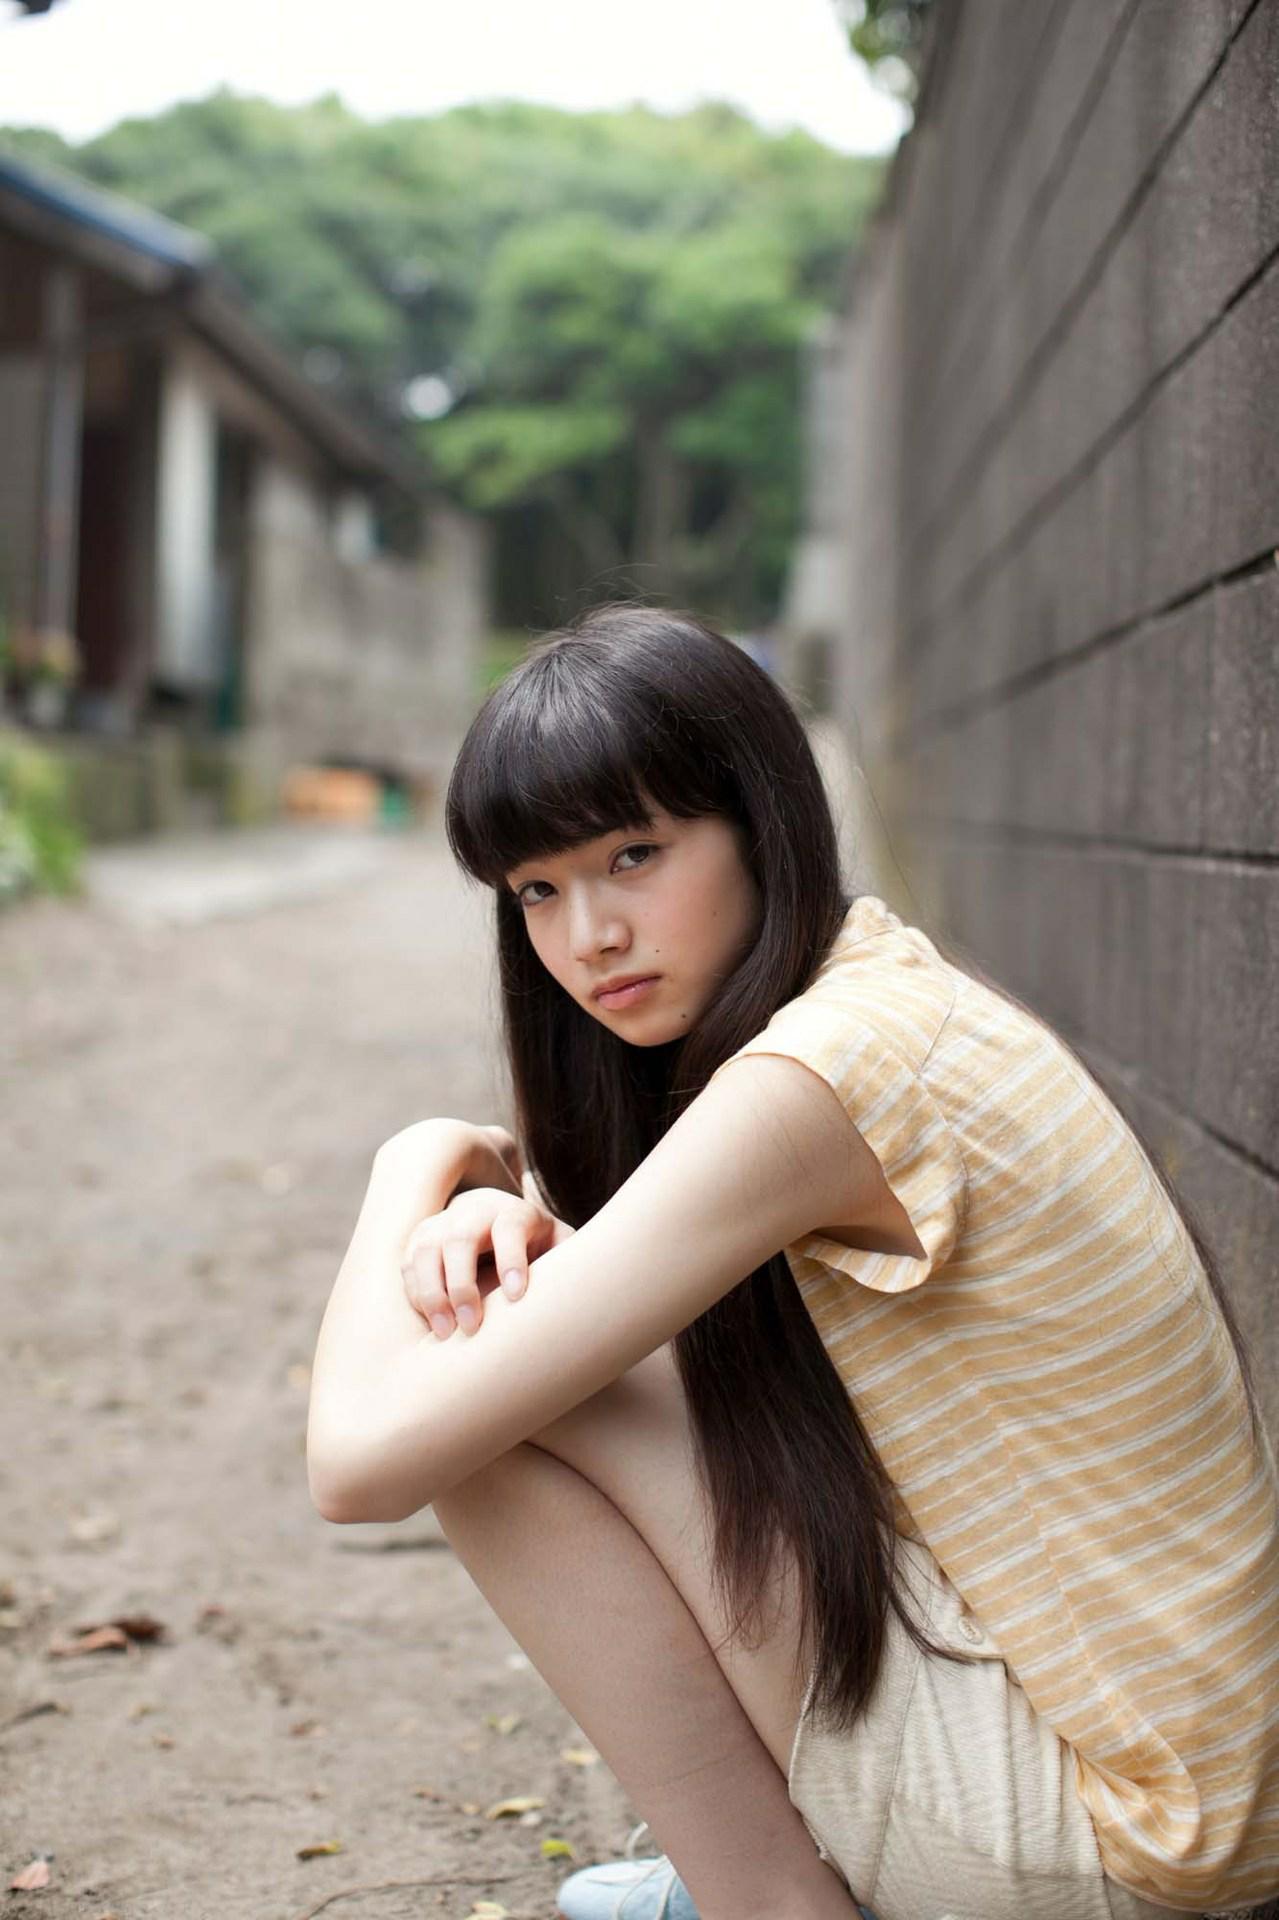 japanische frauen bilder